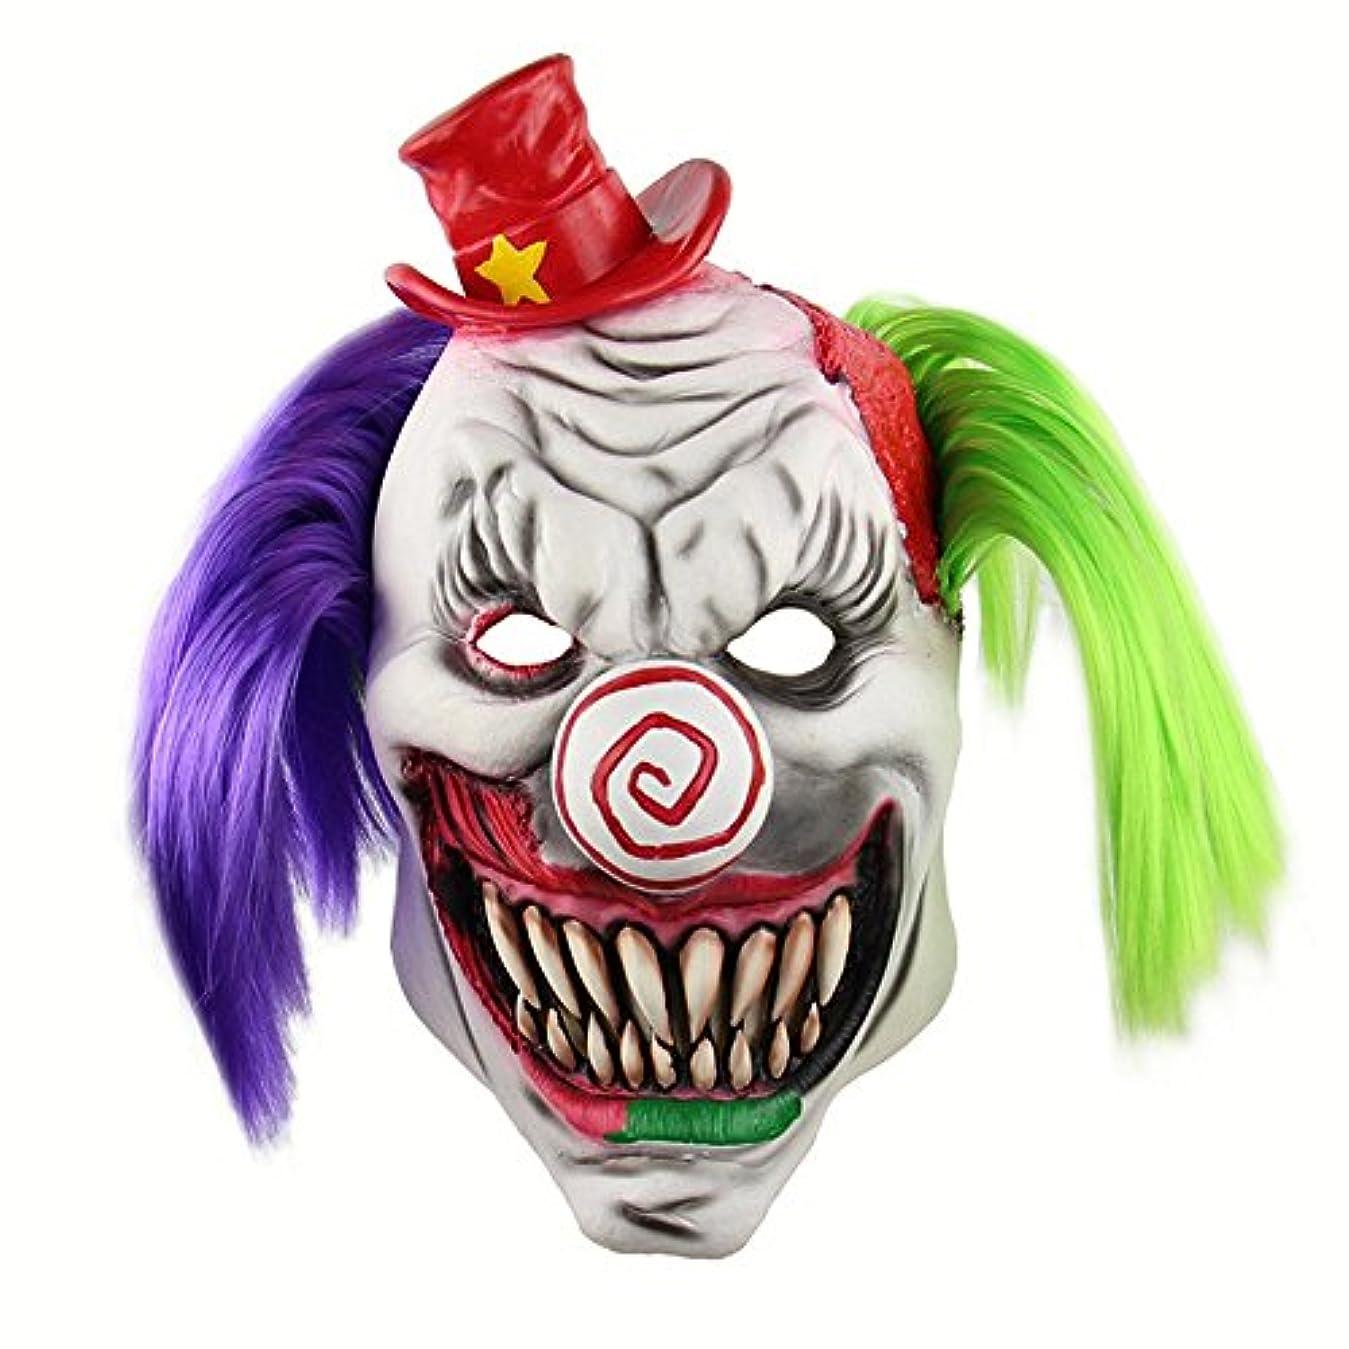 オフアンペア公平なハロウィーンマスクホラーレッドハットピエロフードライブマスク